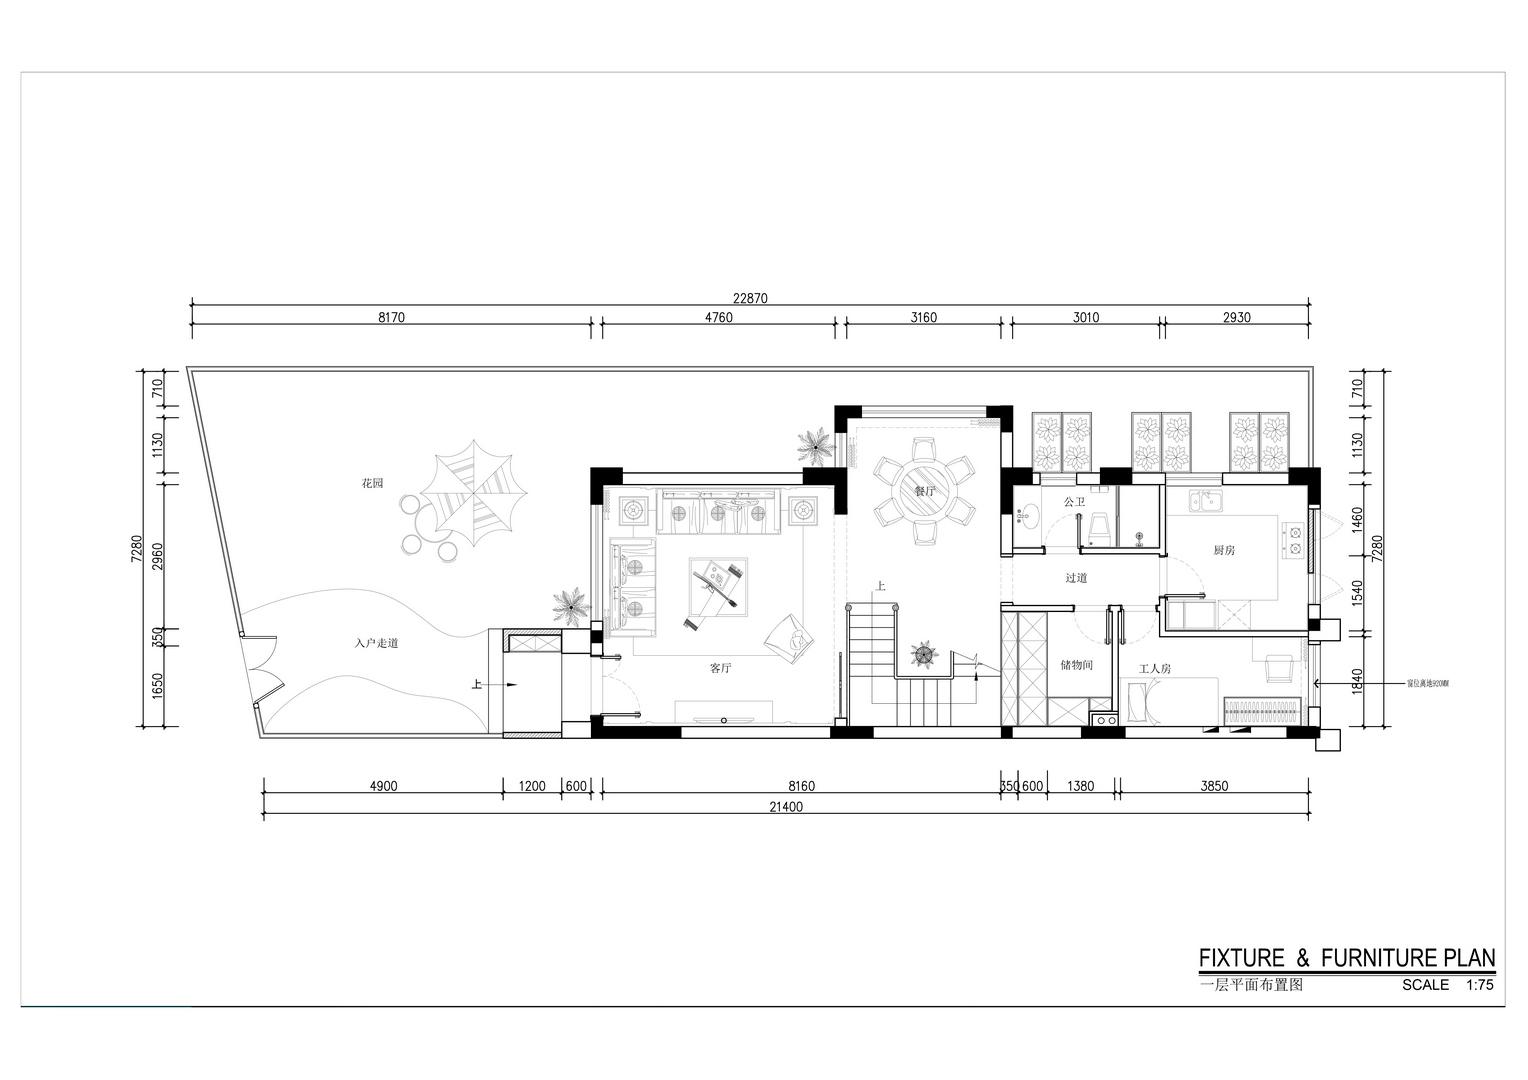 大运城邦-新中式风格案例-300平米别墅装修效果图装修设计理念